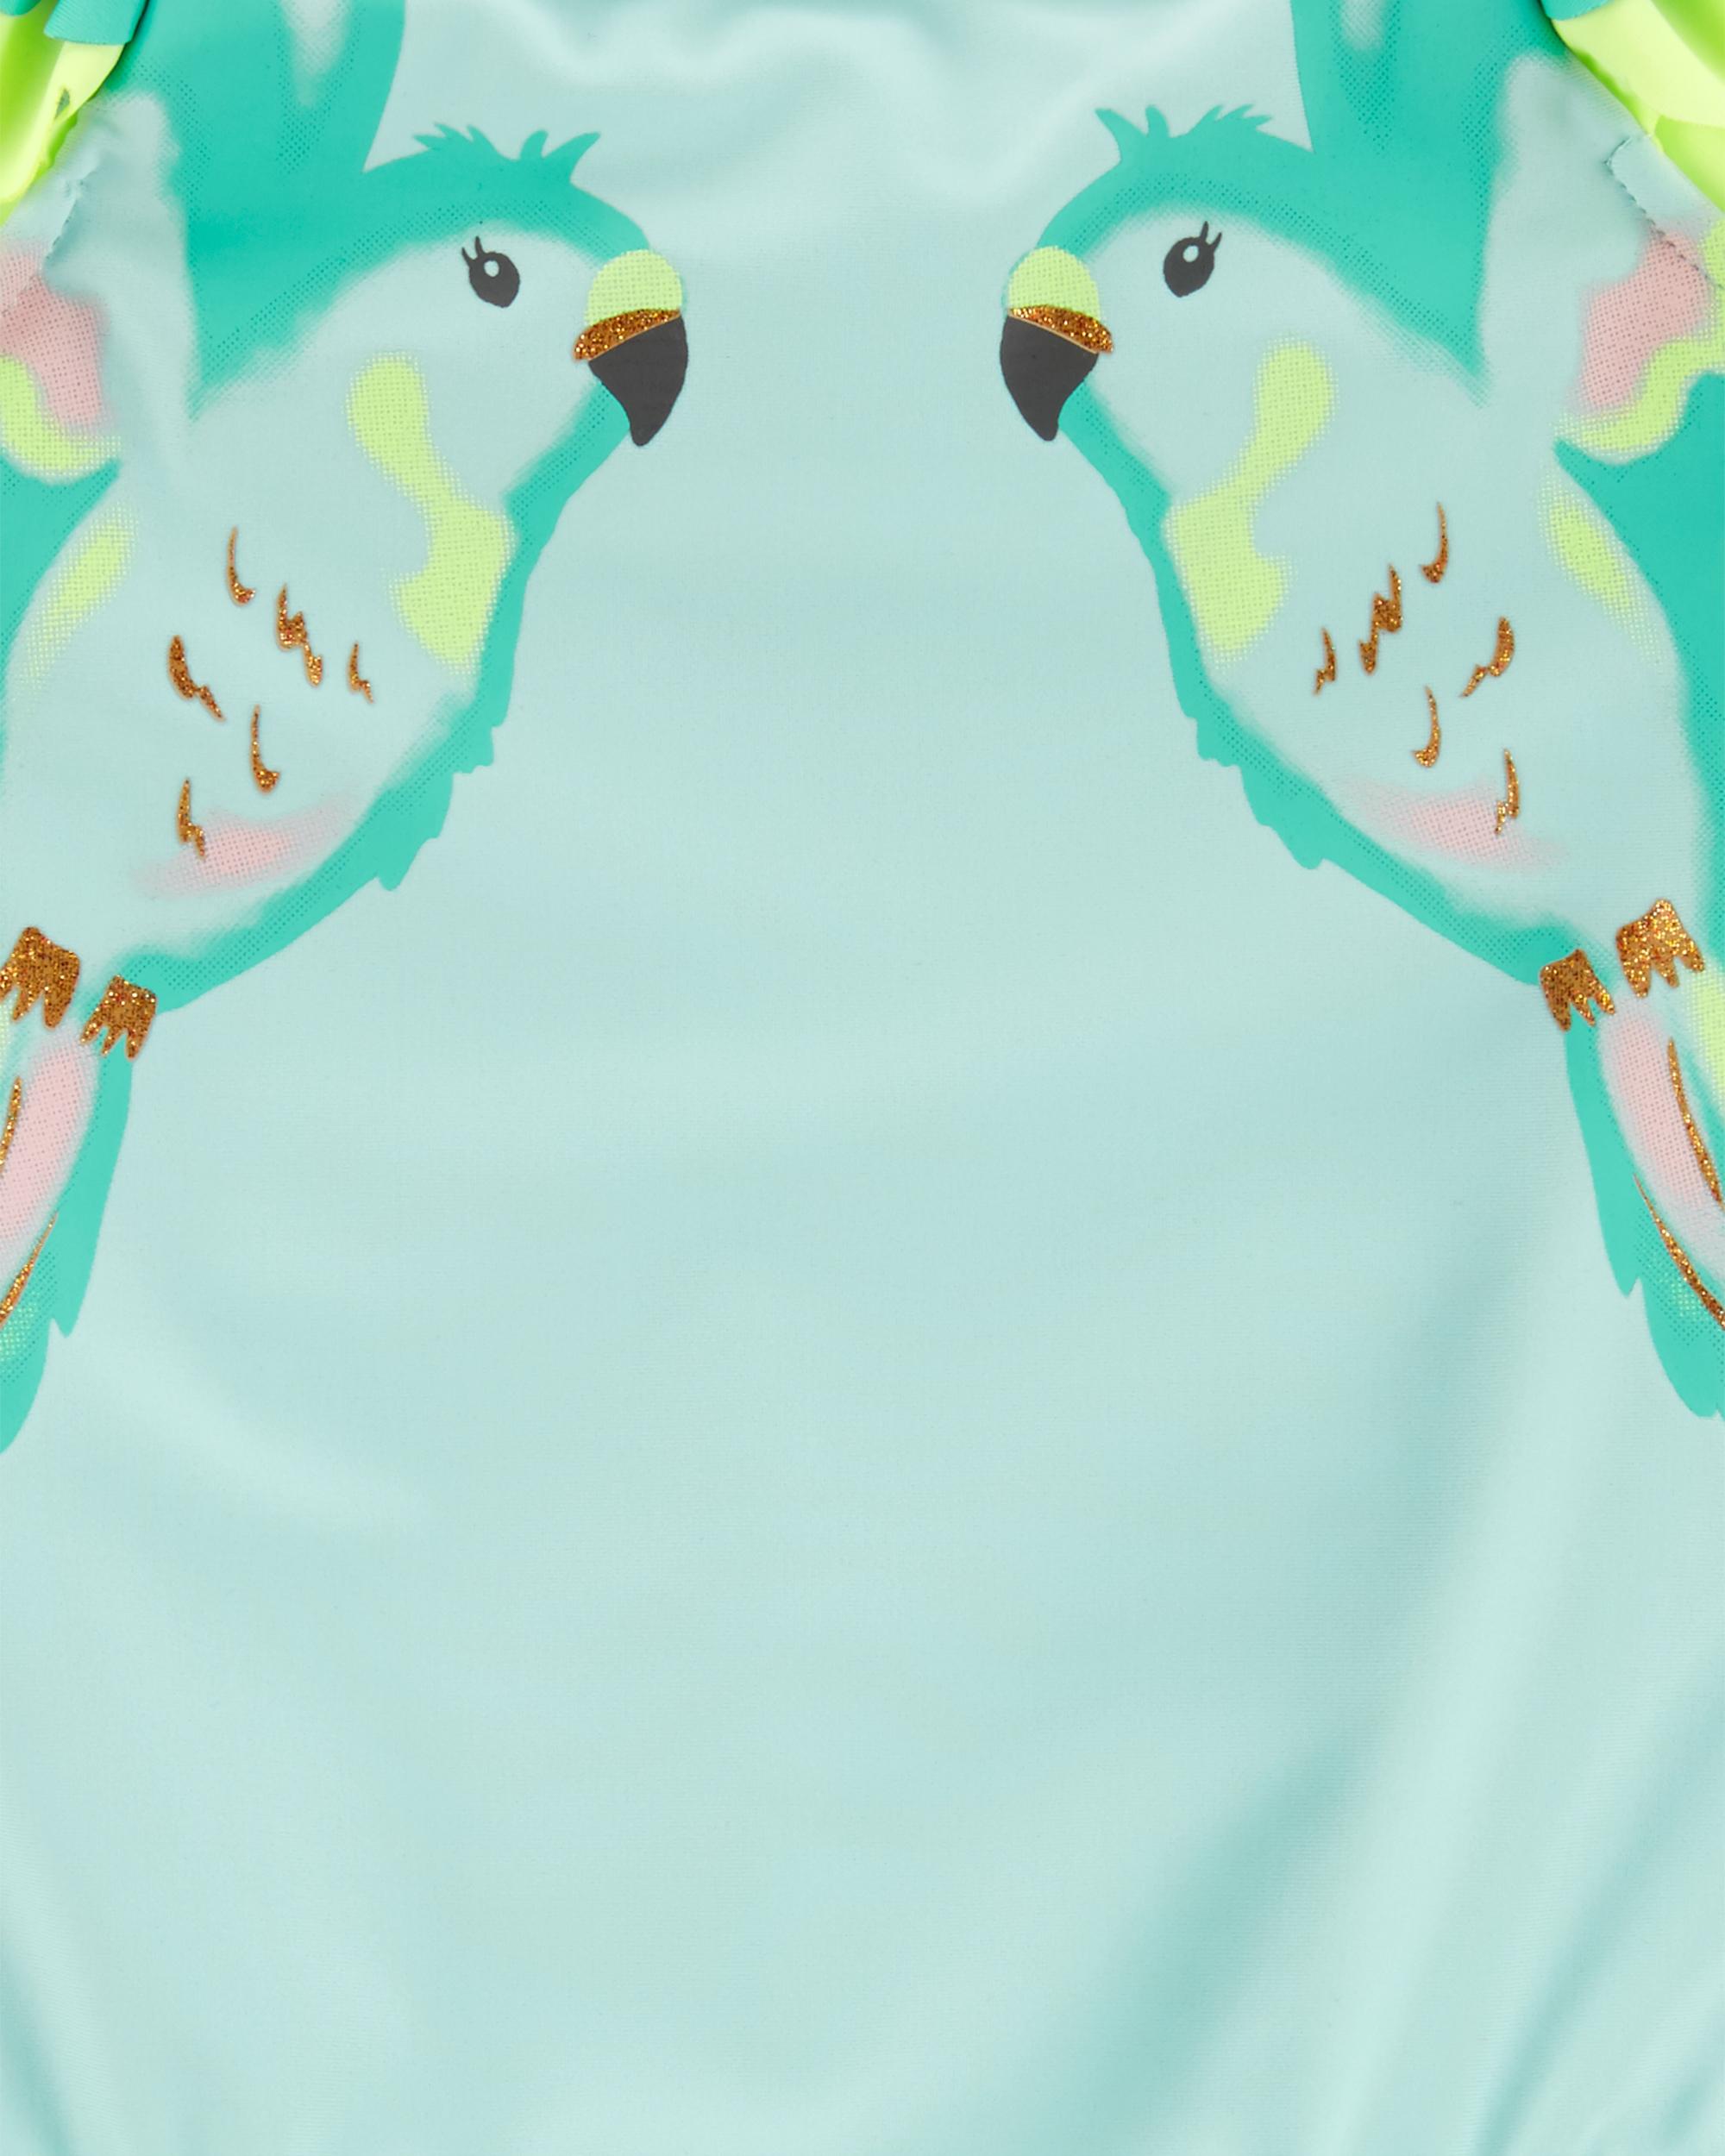 בגד ים שלם ציפורים